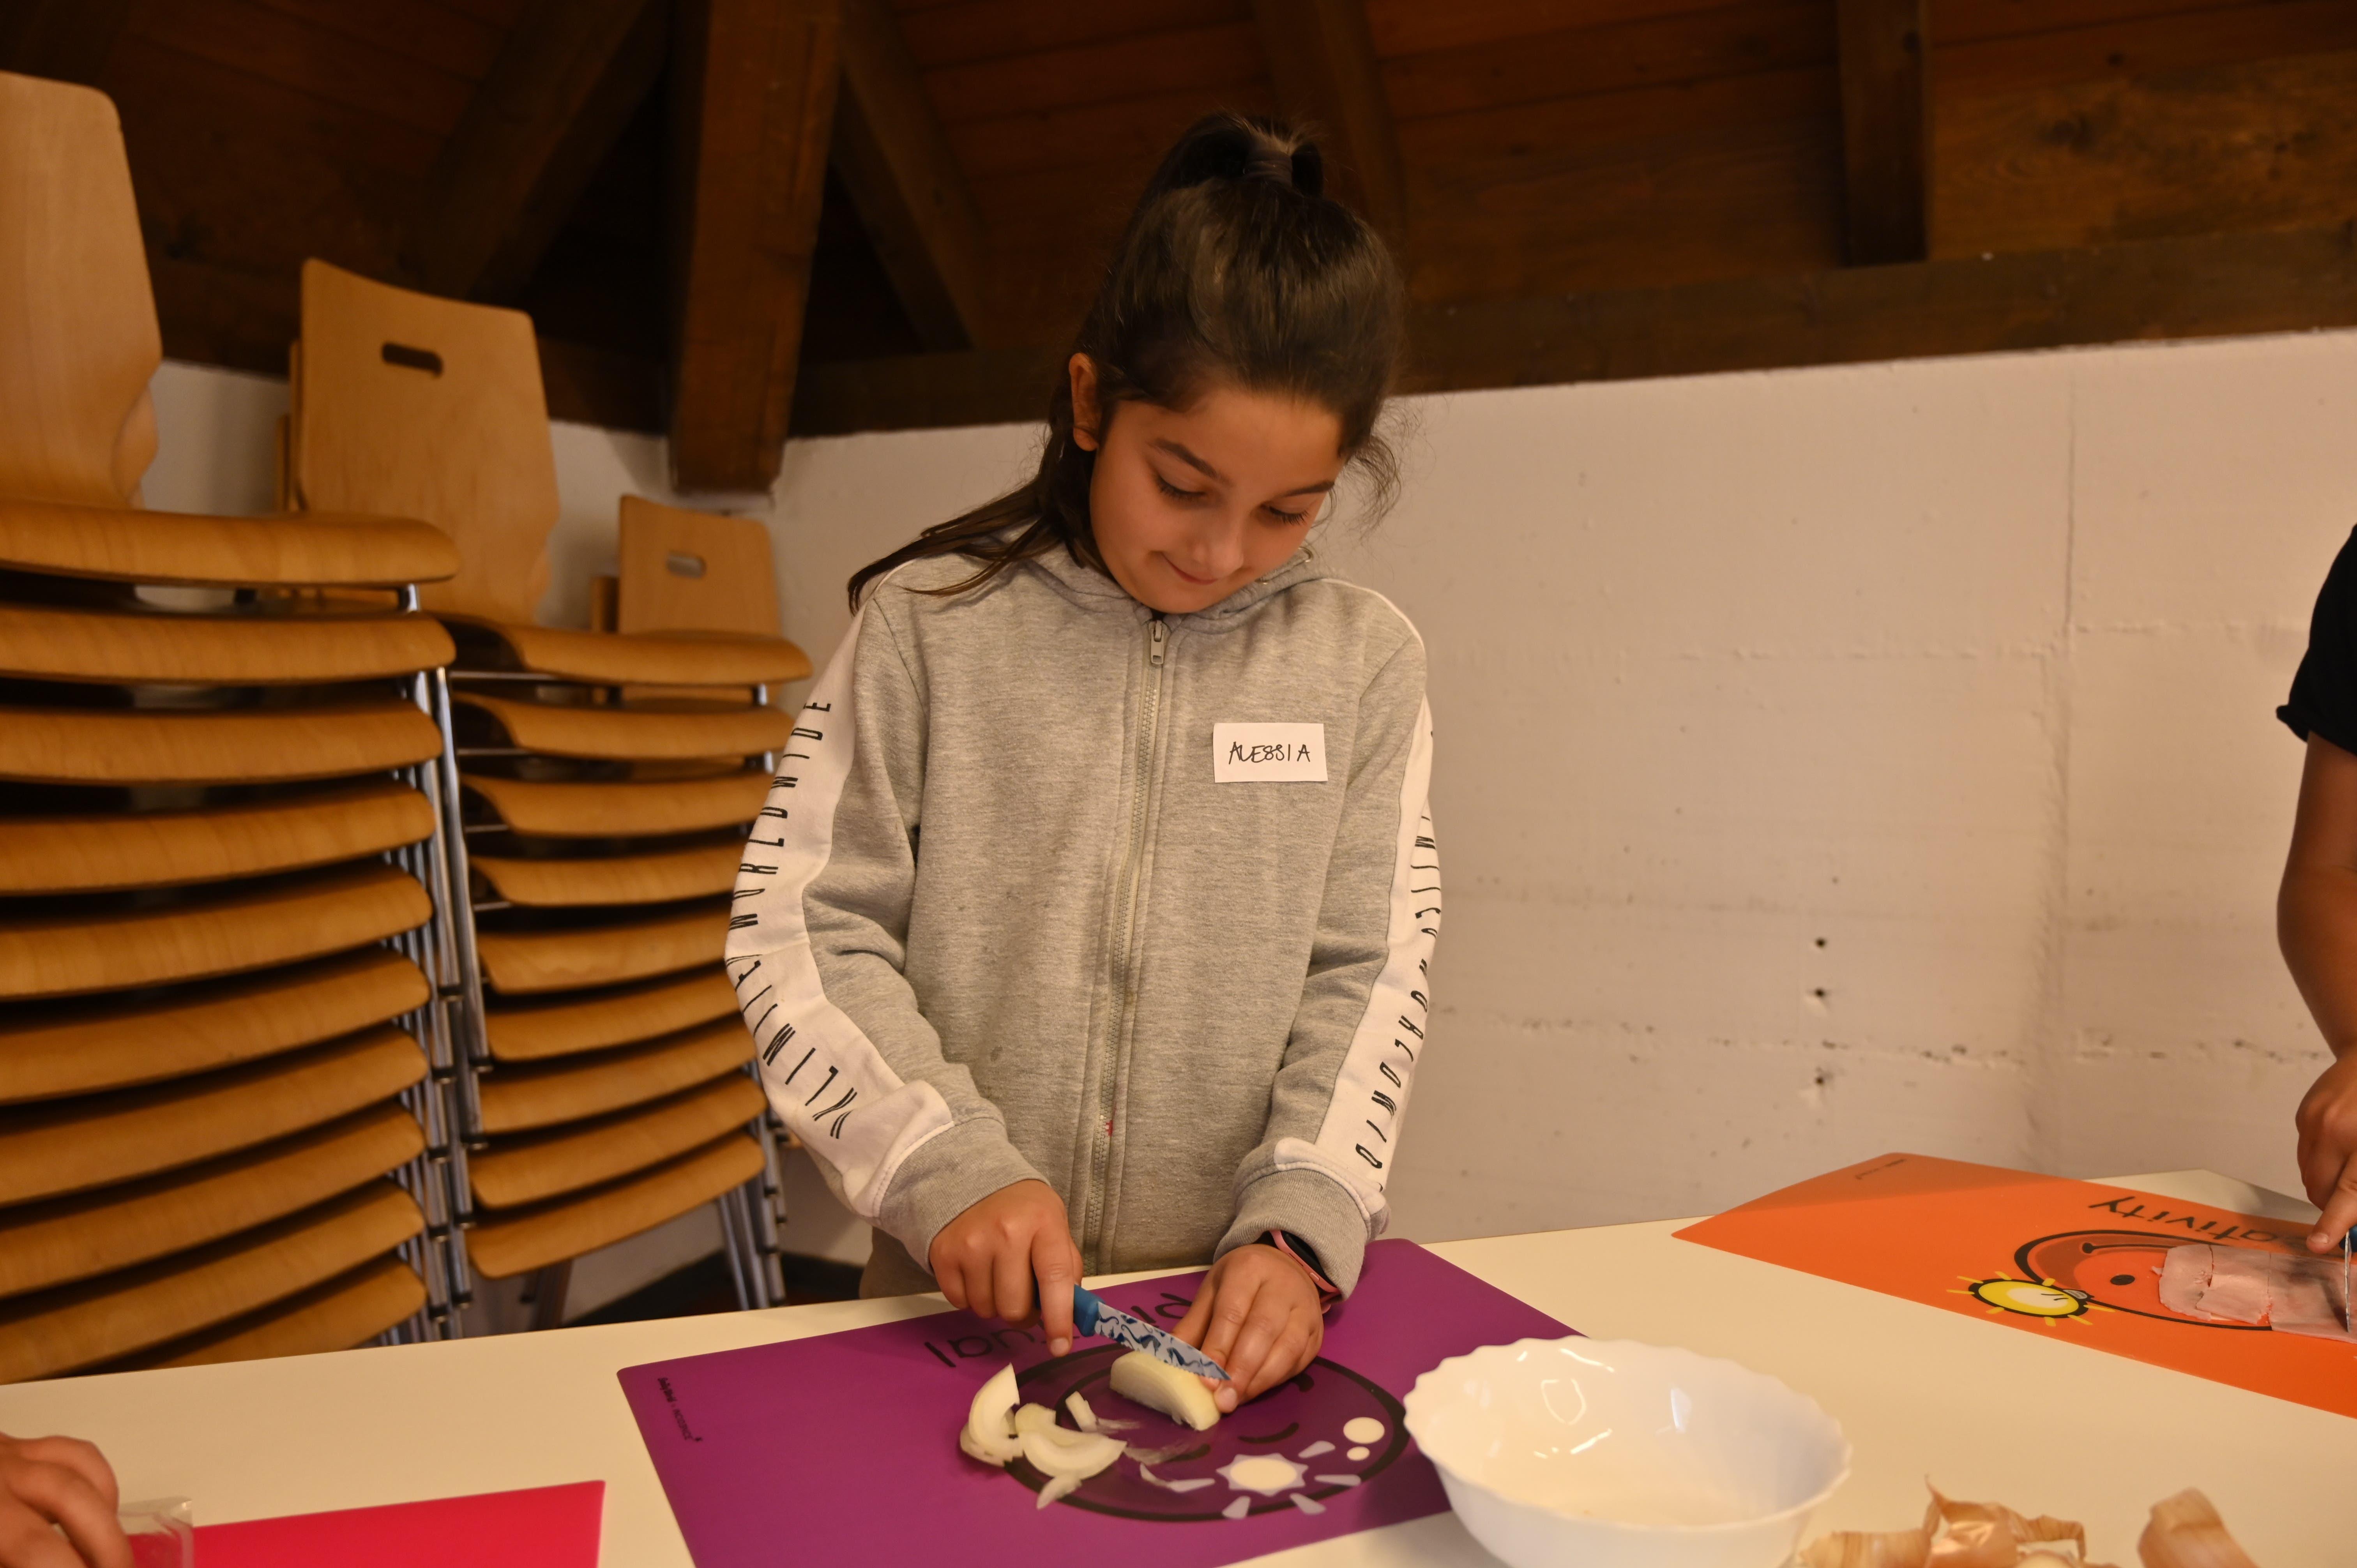 Alessia beim Zwiebel schneiden.